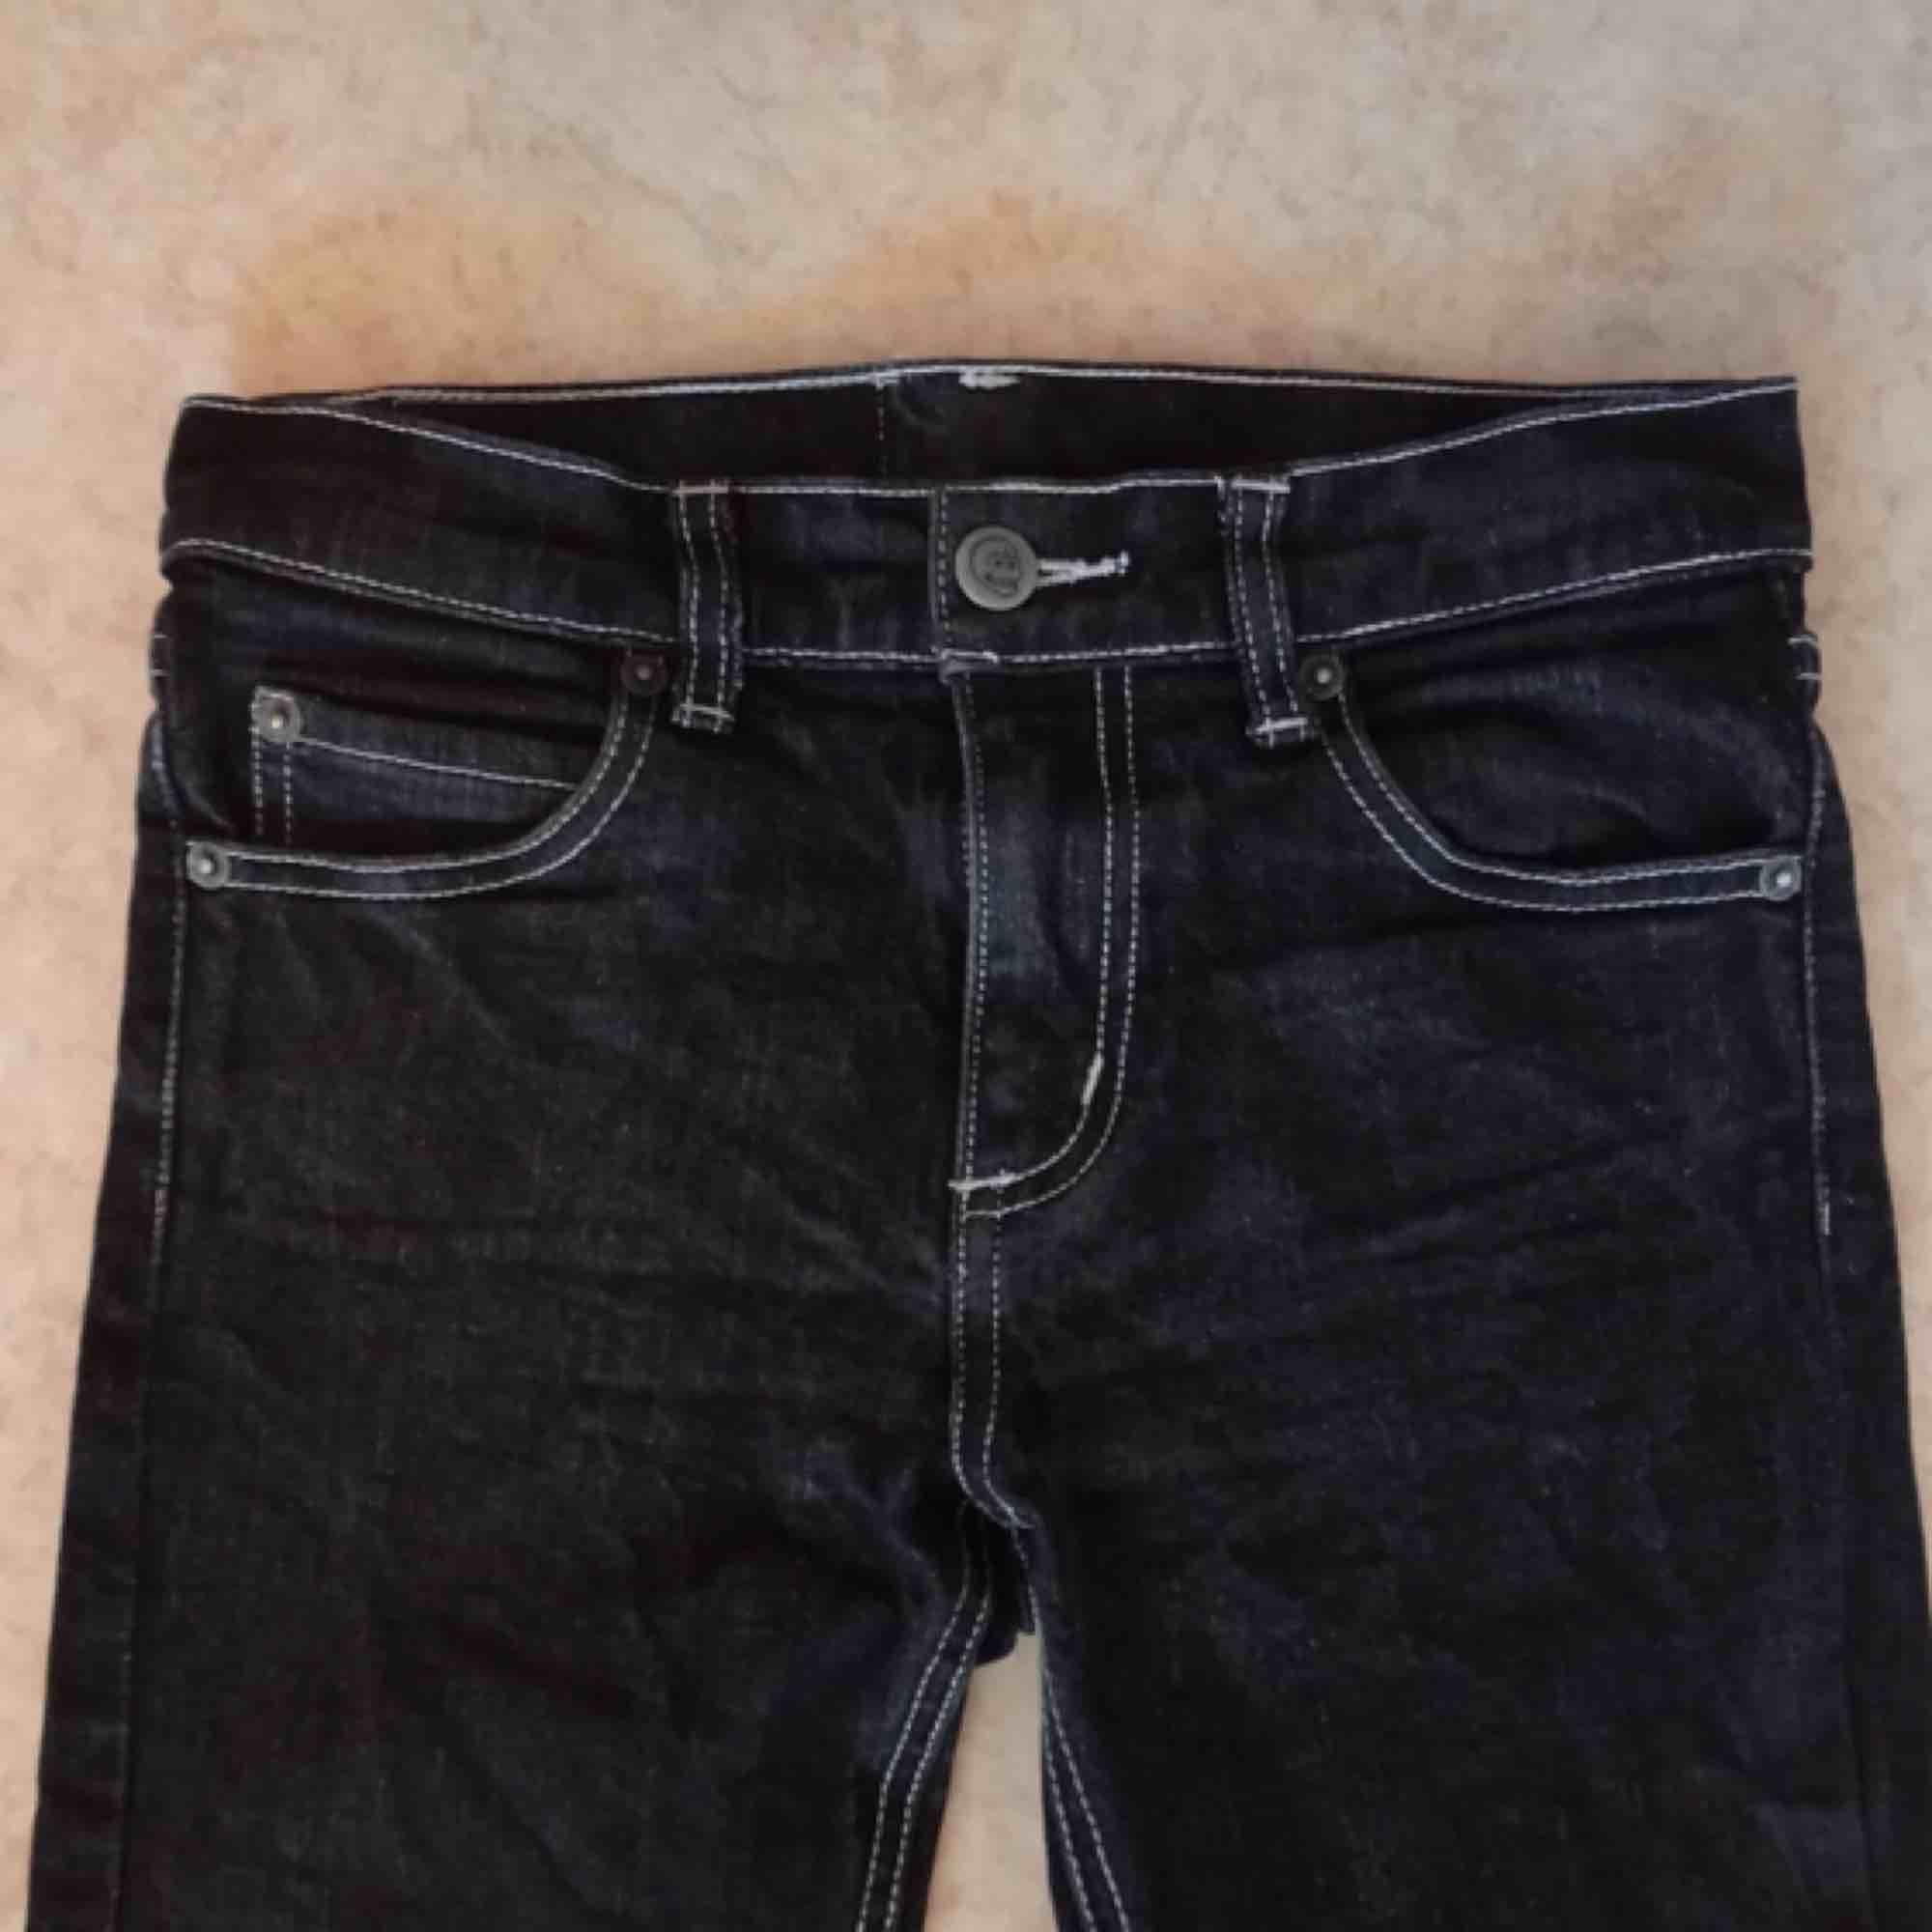 *RESERVERADE* Svartgråa jeans från Cheap Monday med ljusa sömmar. Står strl 28 men är små i storleken o skulle tro att de passar en xs/34a   Frakt 63 kr. Jeans & Byxor.